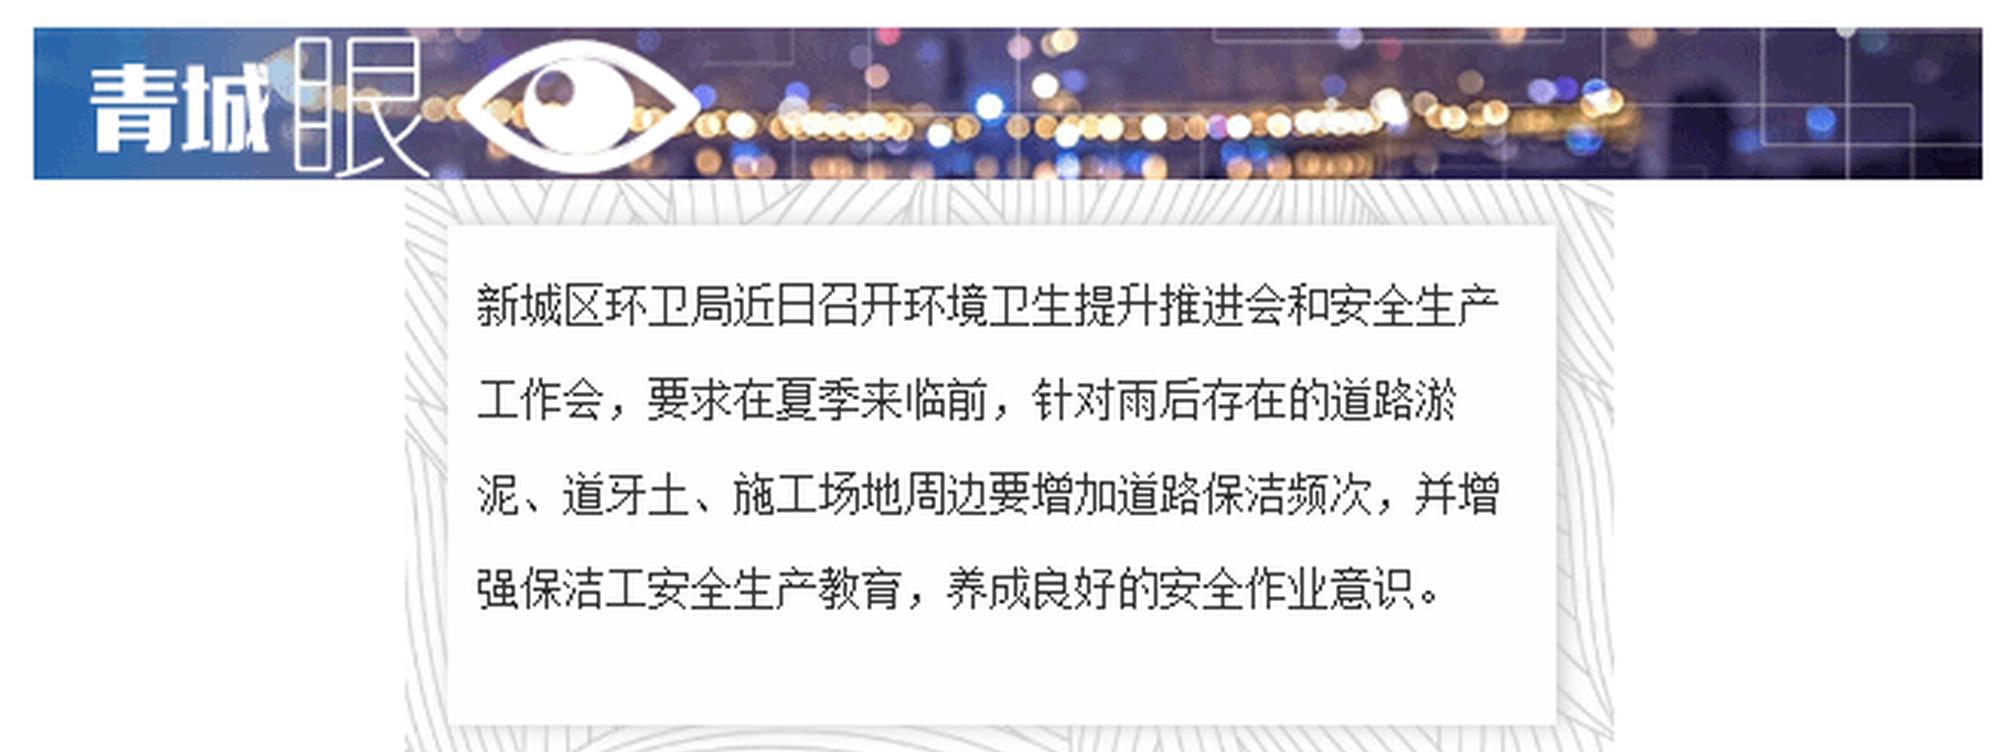 青城眼|新城区六举措提升环境卫生质量